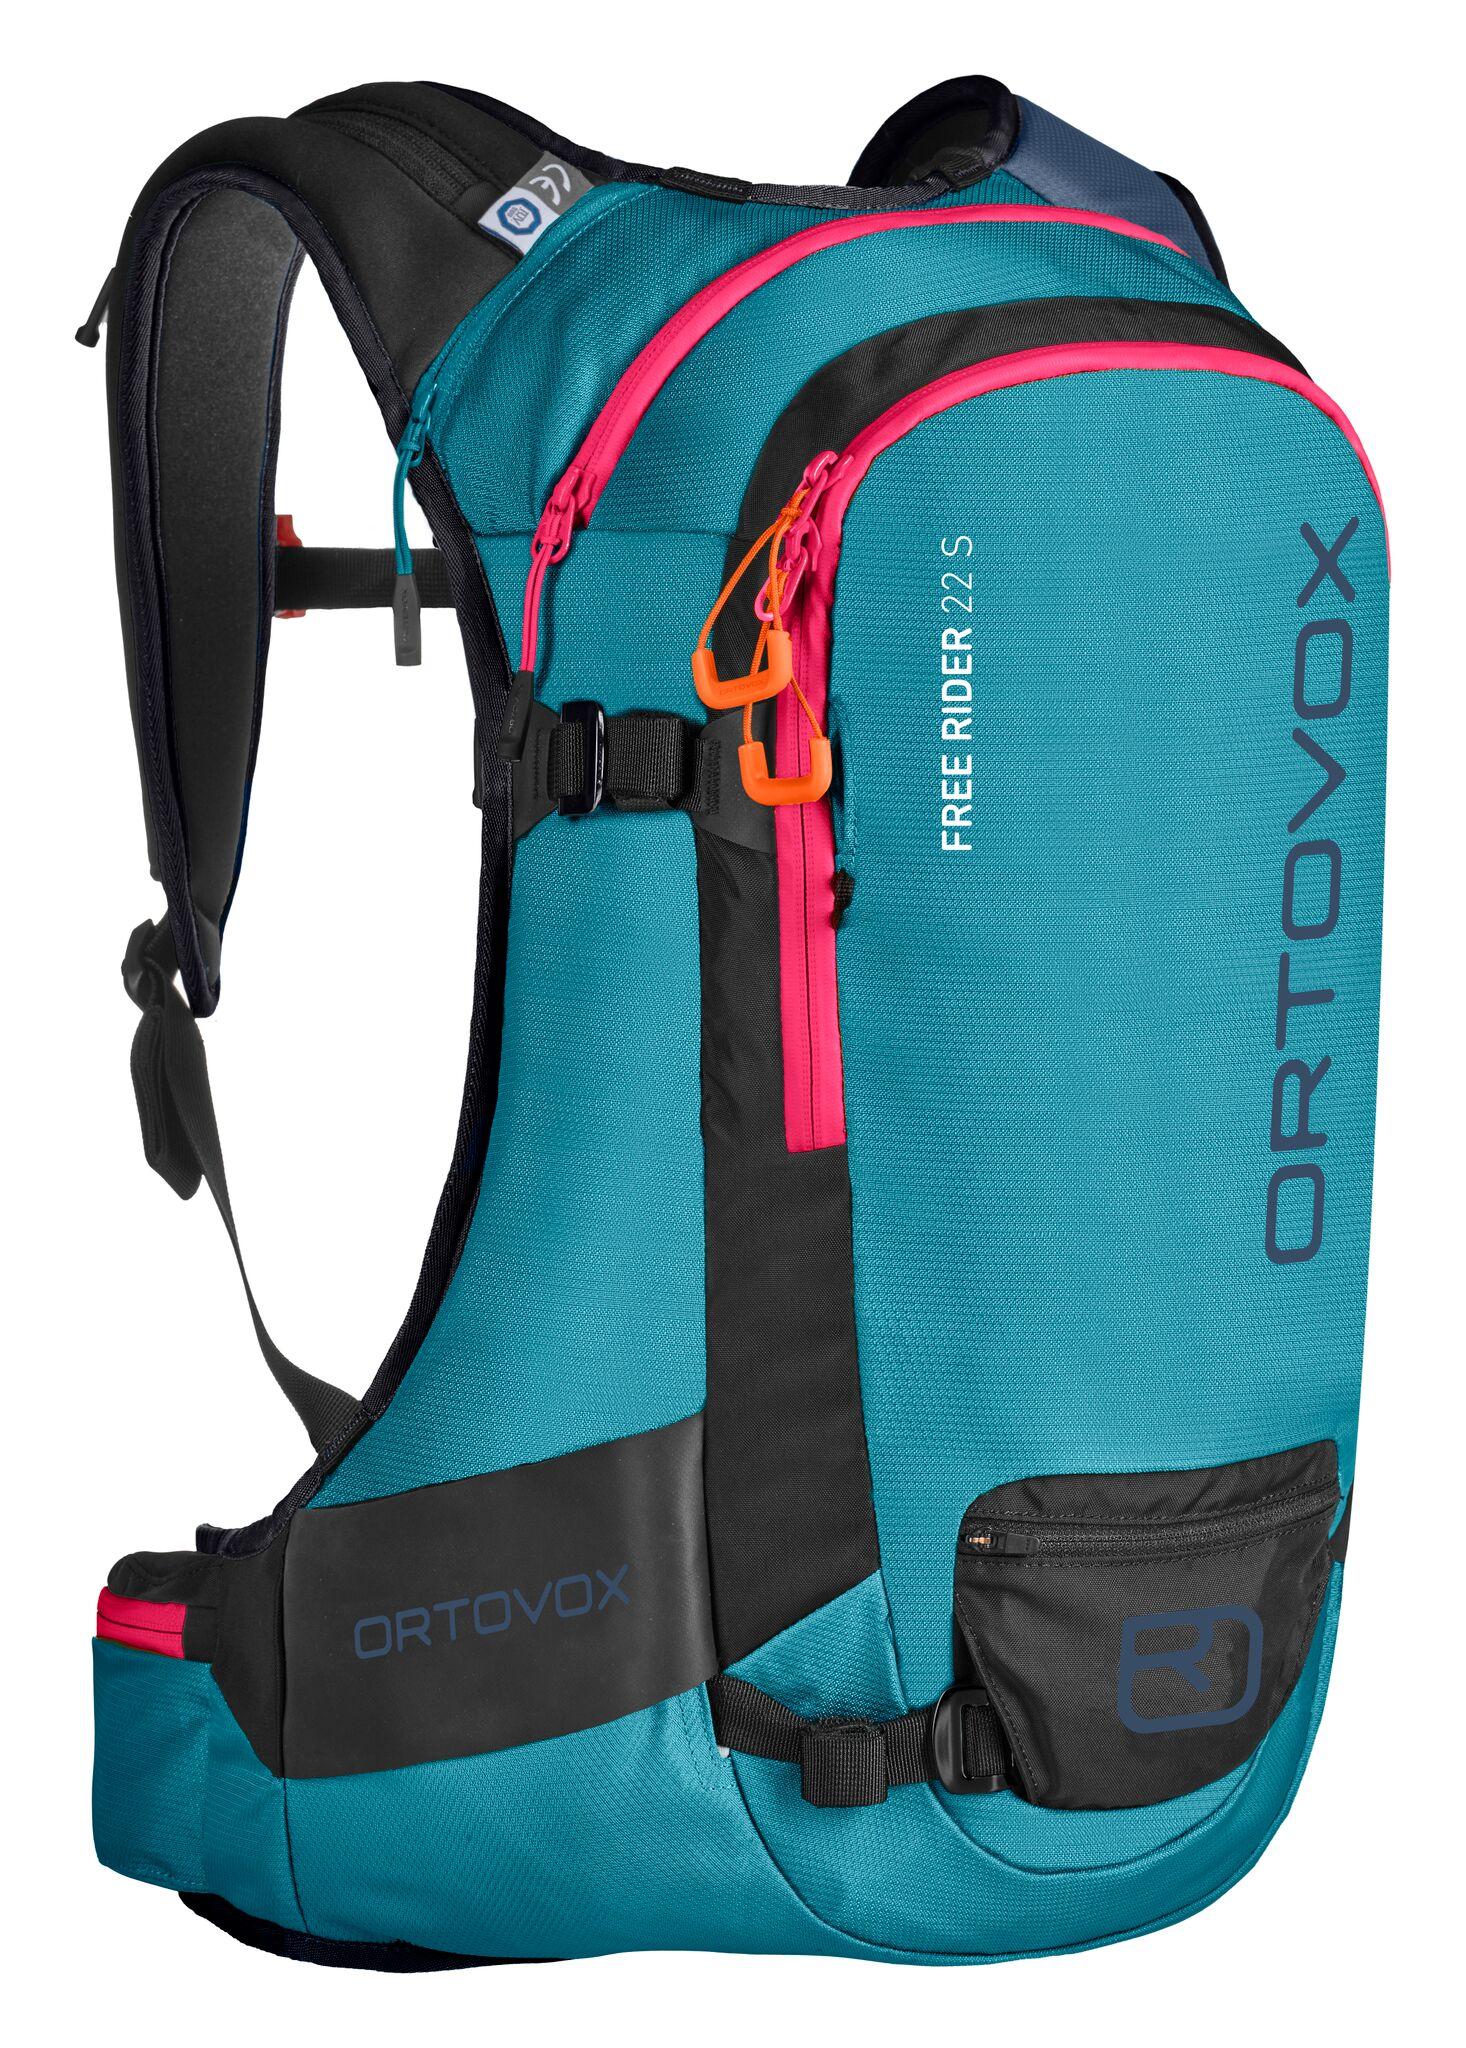 f5d8f8ee017fd Ortovox Freerider 22 S - SHORT Backpack Range - Snowsafe